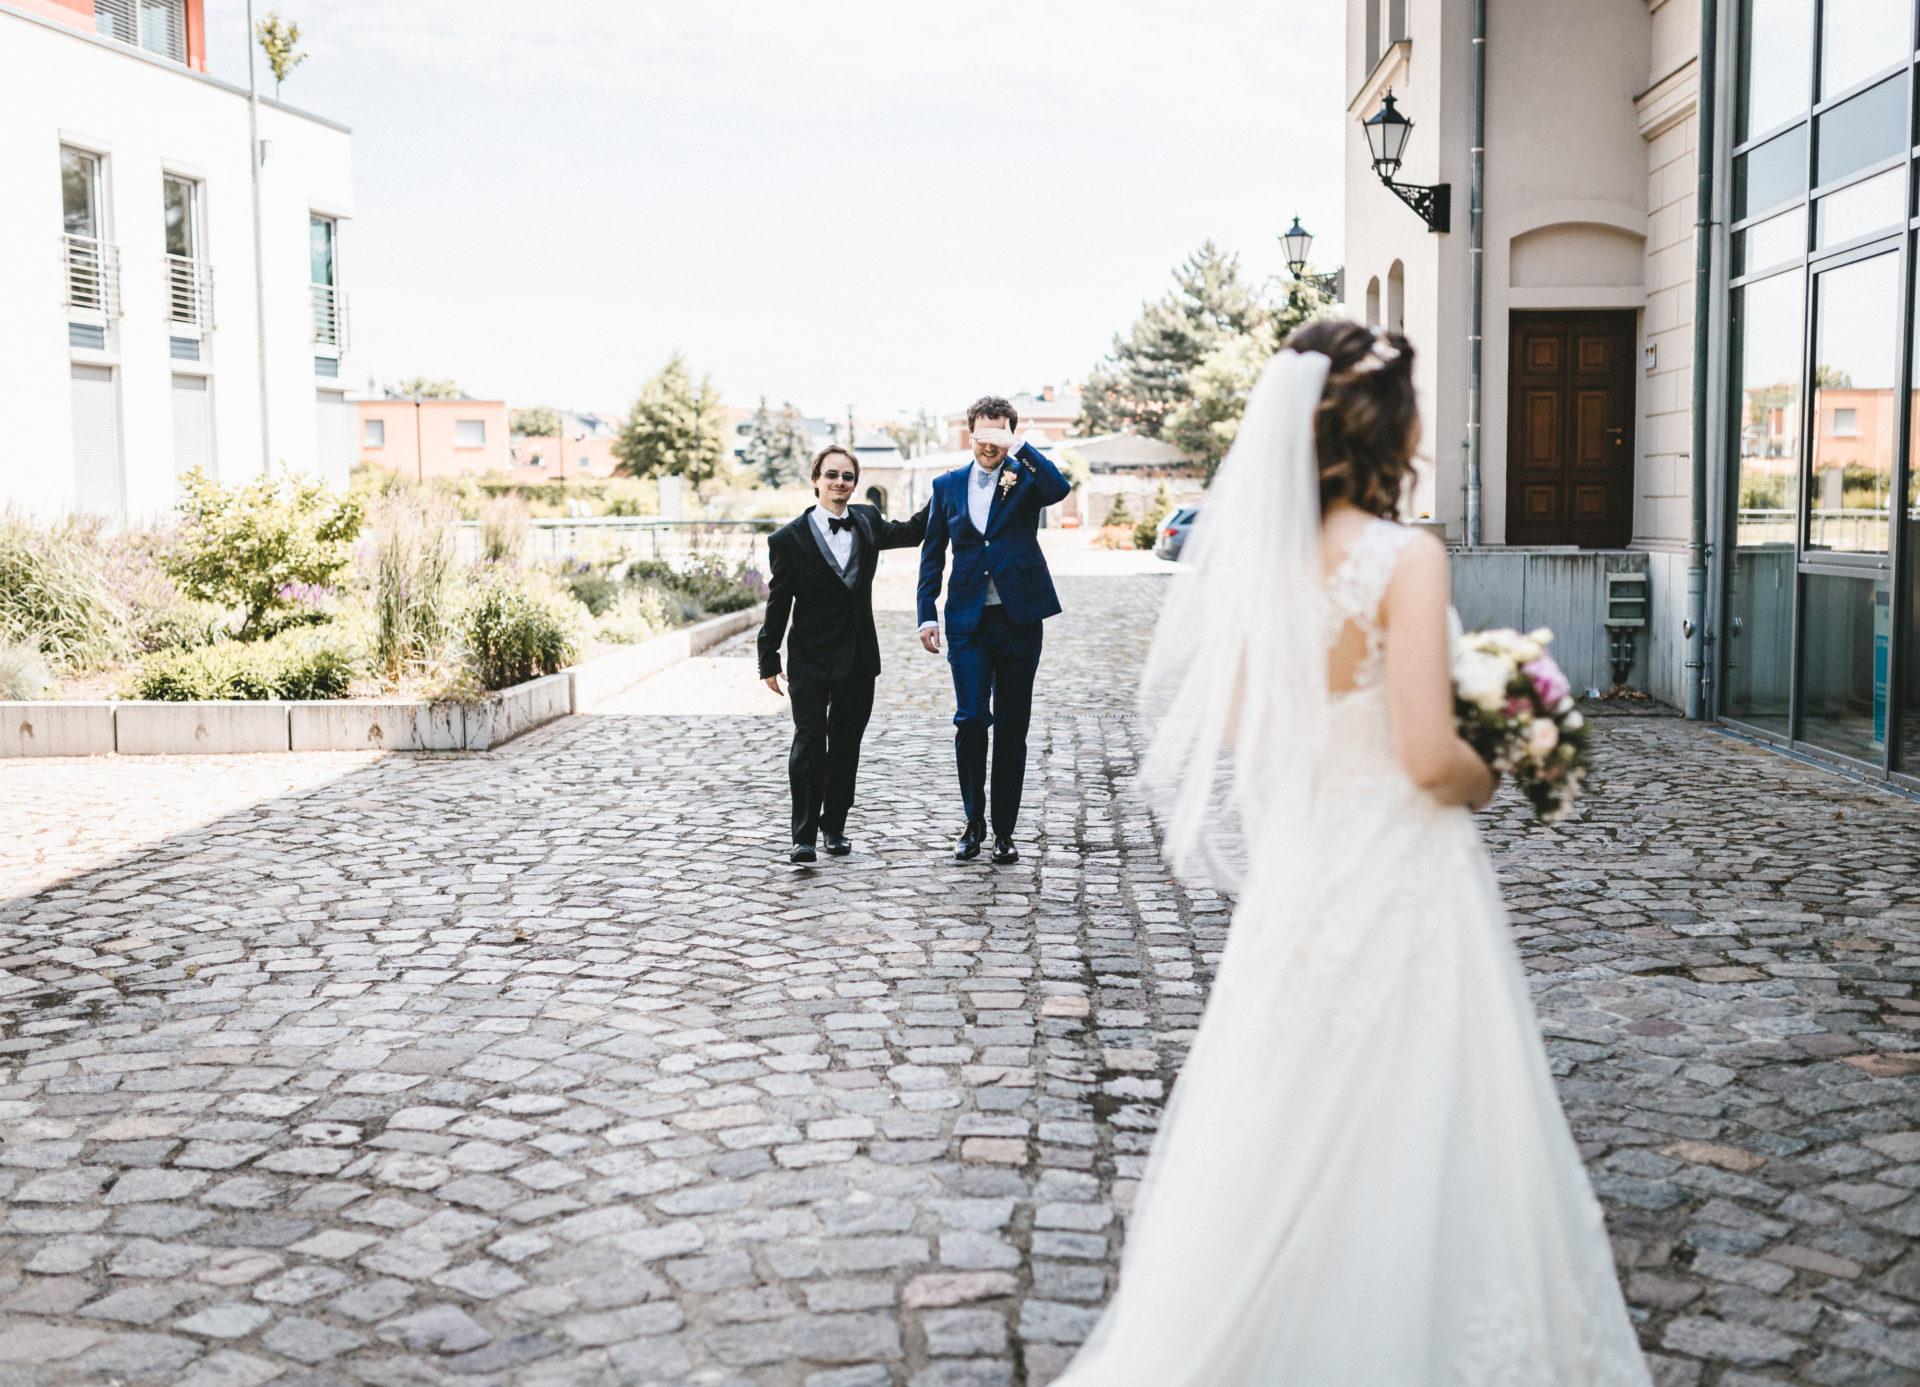 Hochzeitsreportage | Freie Trauung im Herrenhaus Möckern in Leipzig | 4